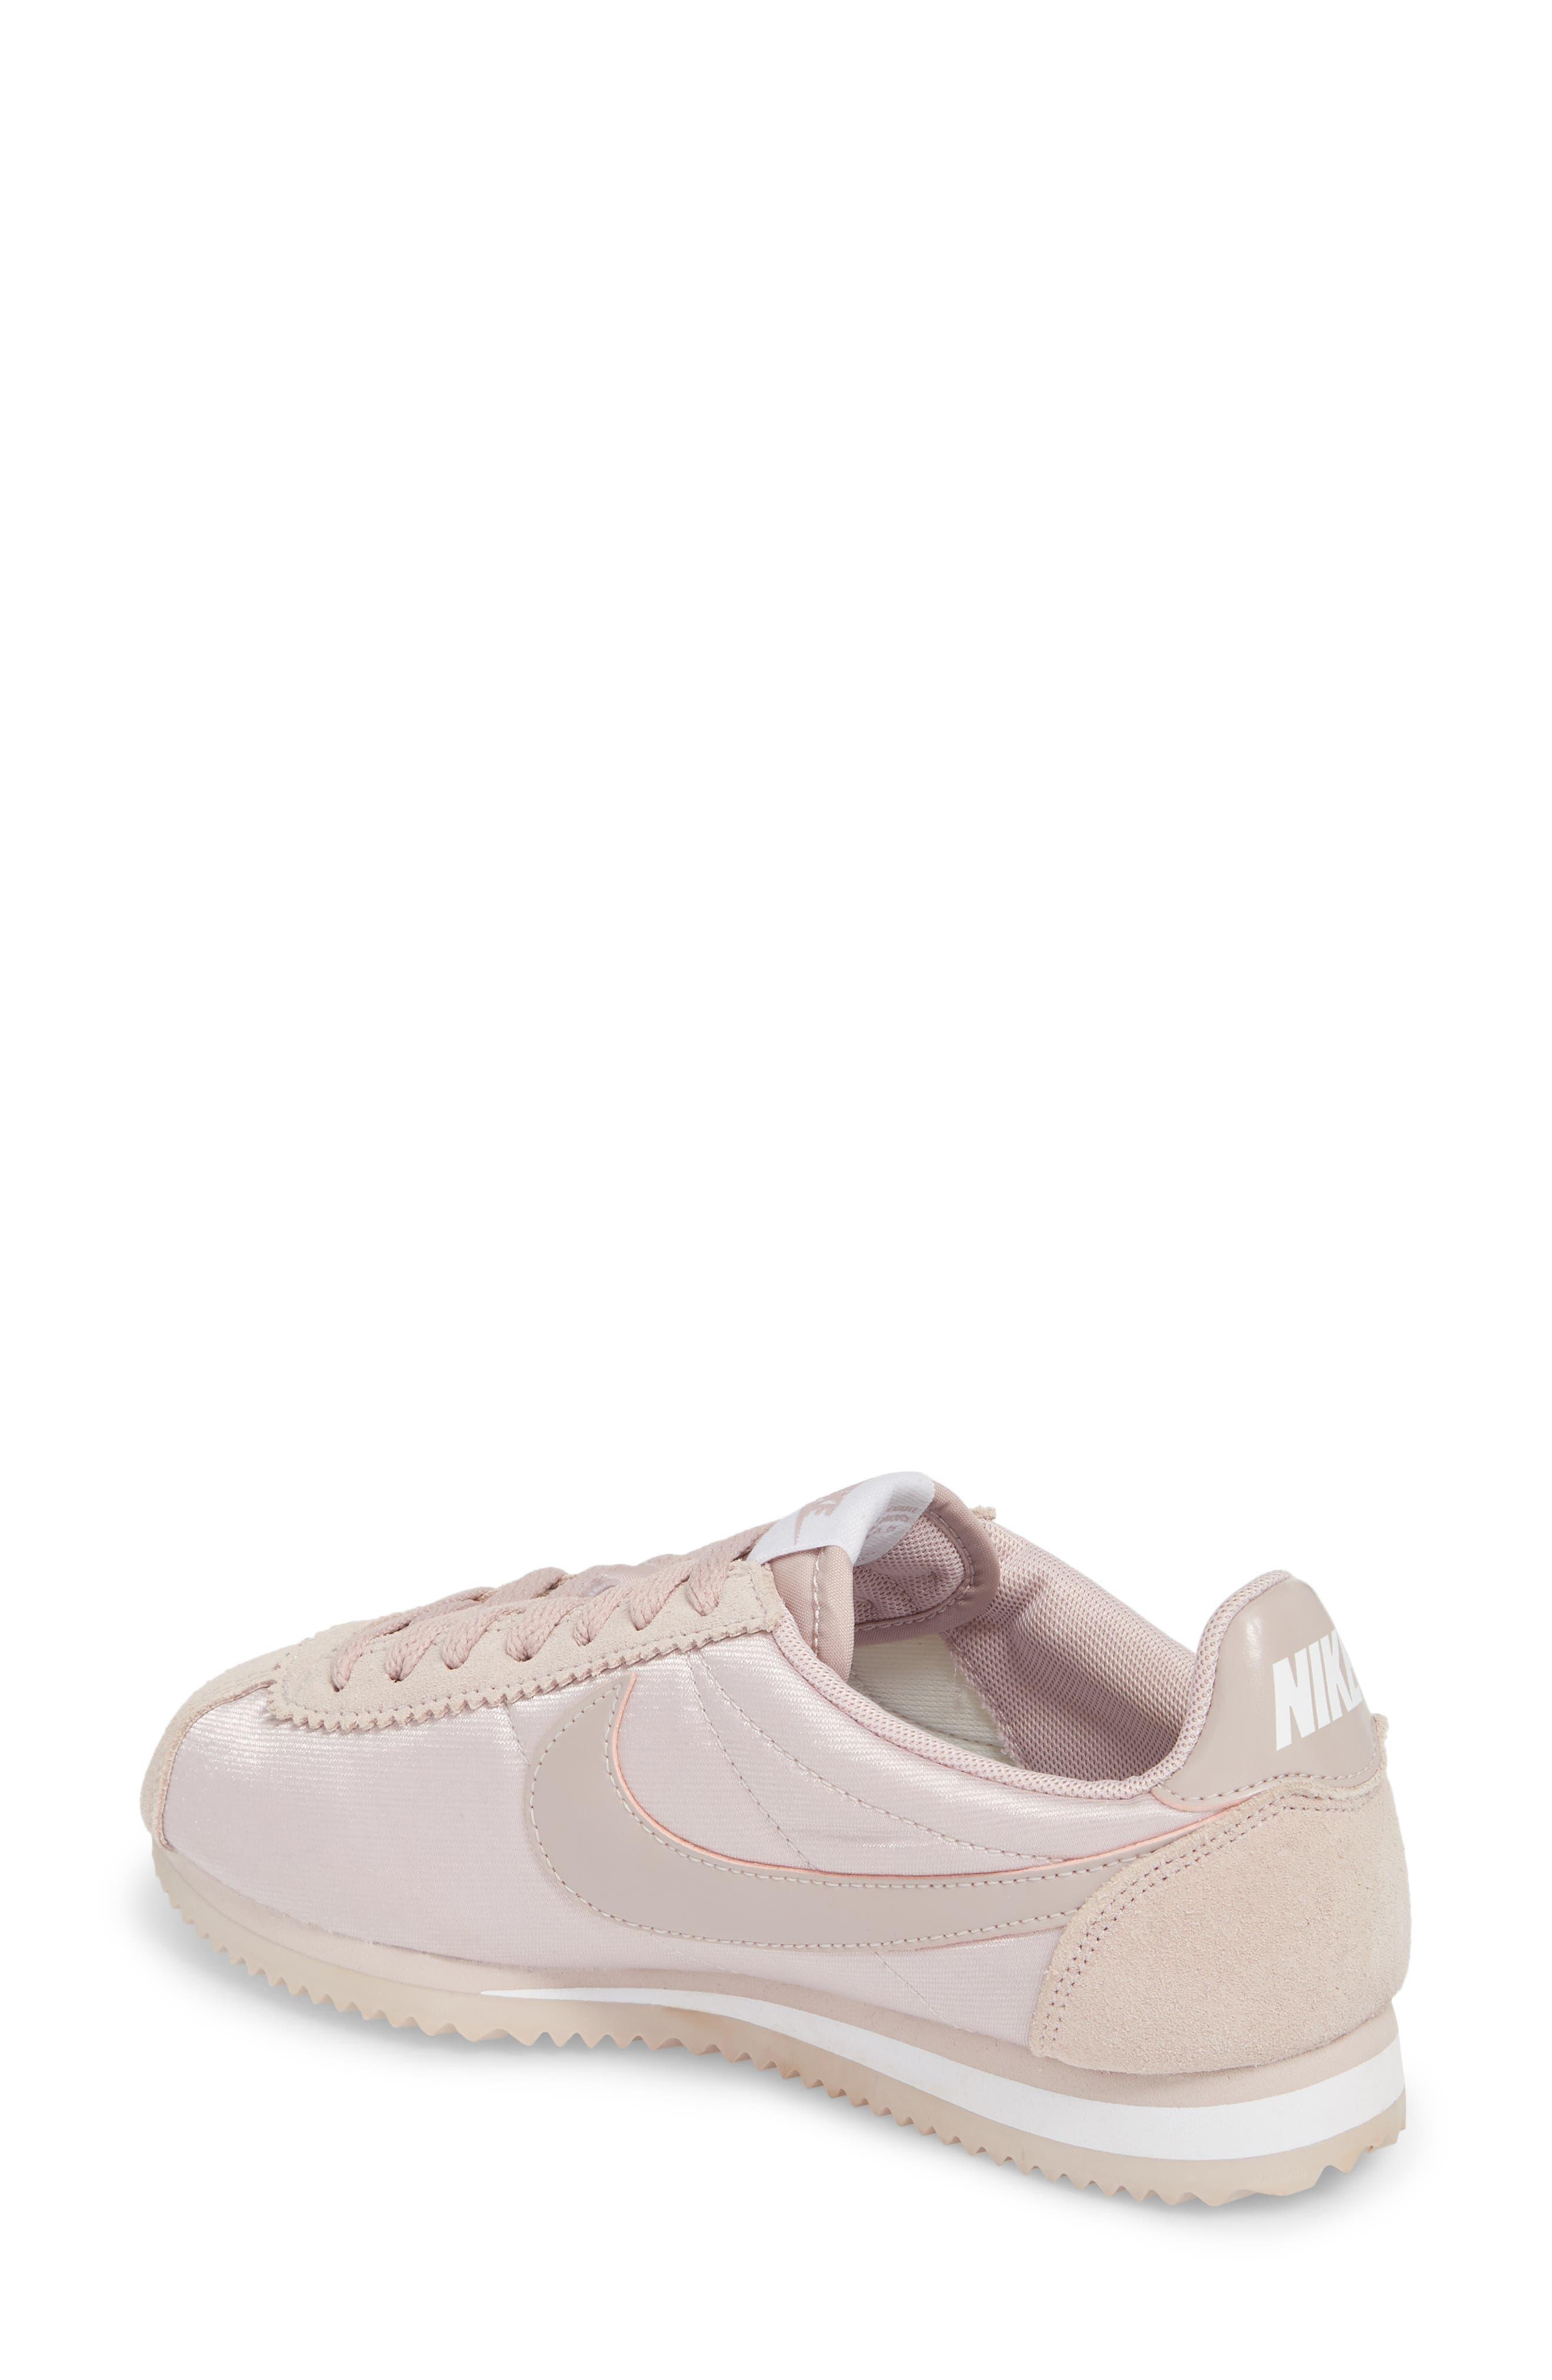 'Classic Cortez' Sneaker,                             Alternate thumbnail 2, color,                             Particle Rose/ Particle Rose